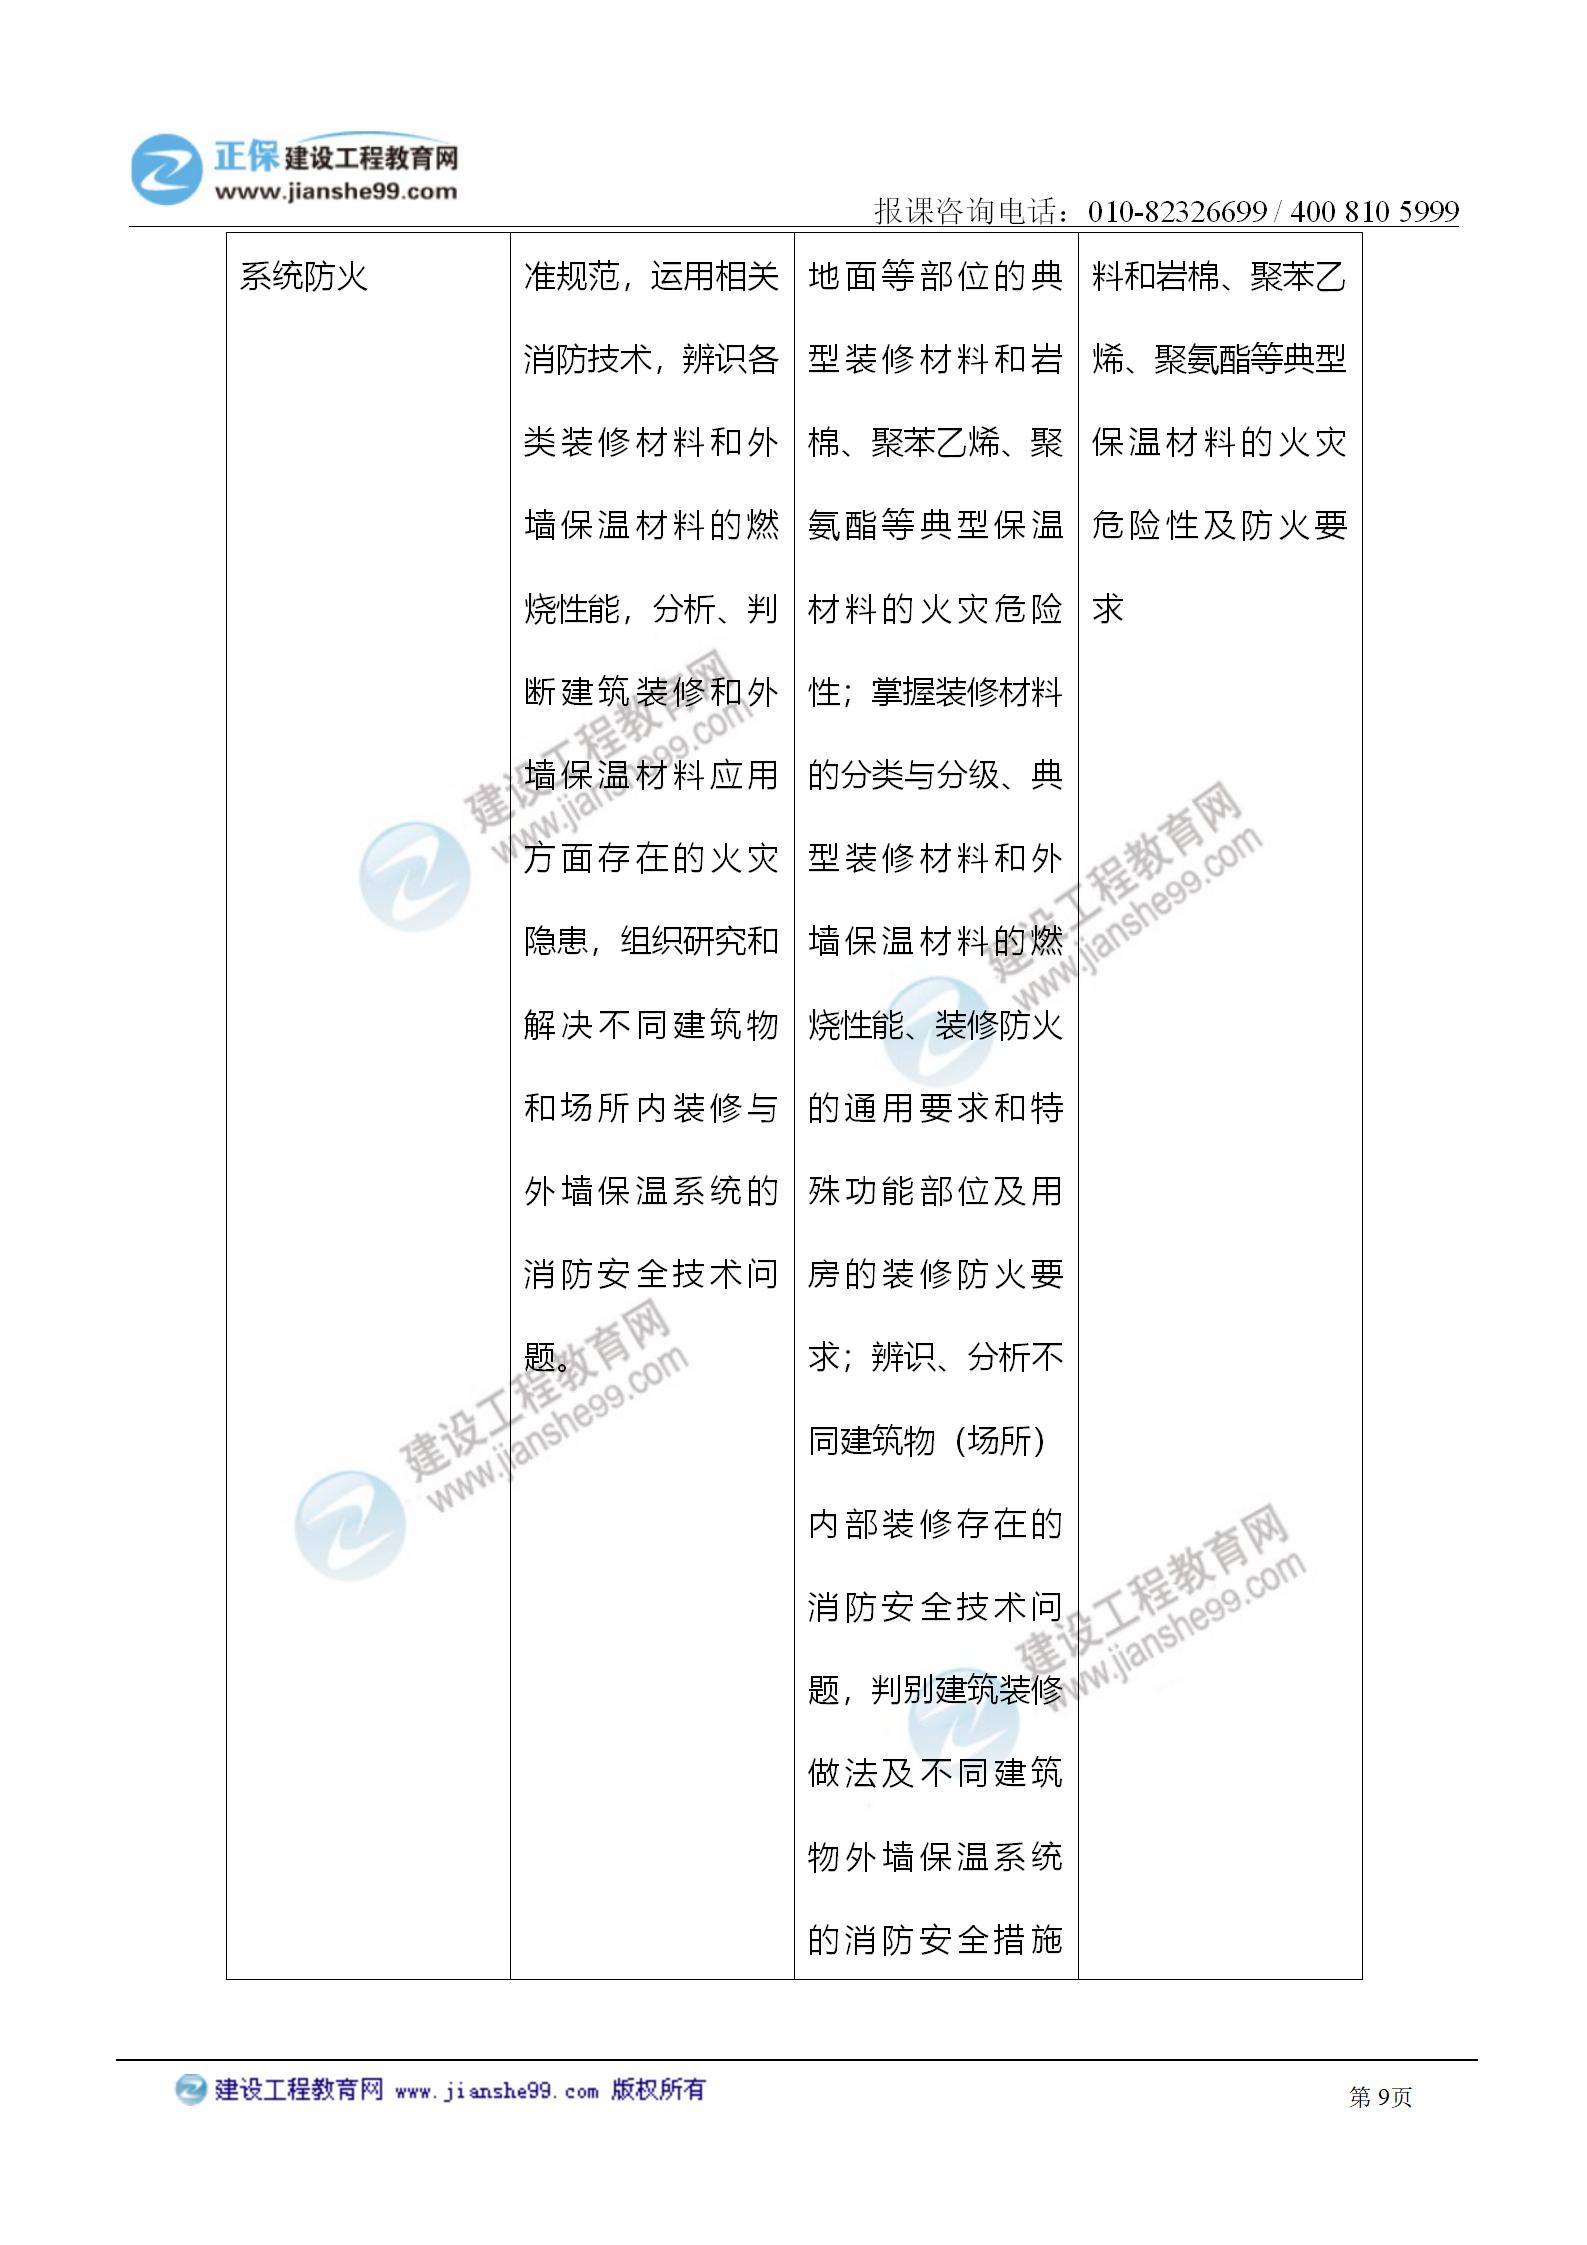 2021注册消防工程师《技术实务》考试大纲变化情况_09